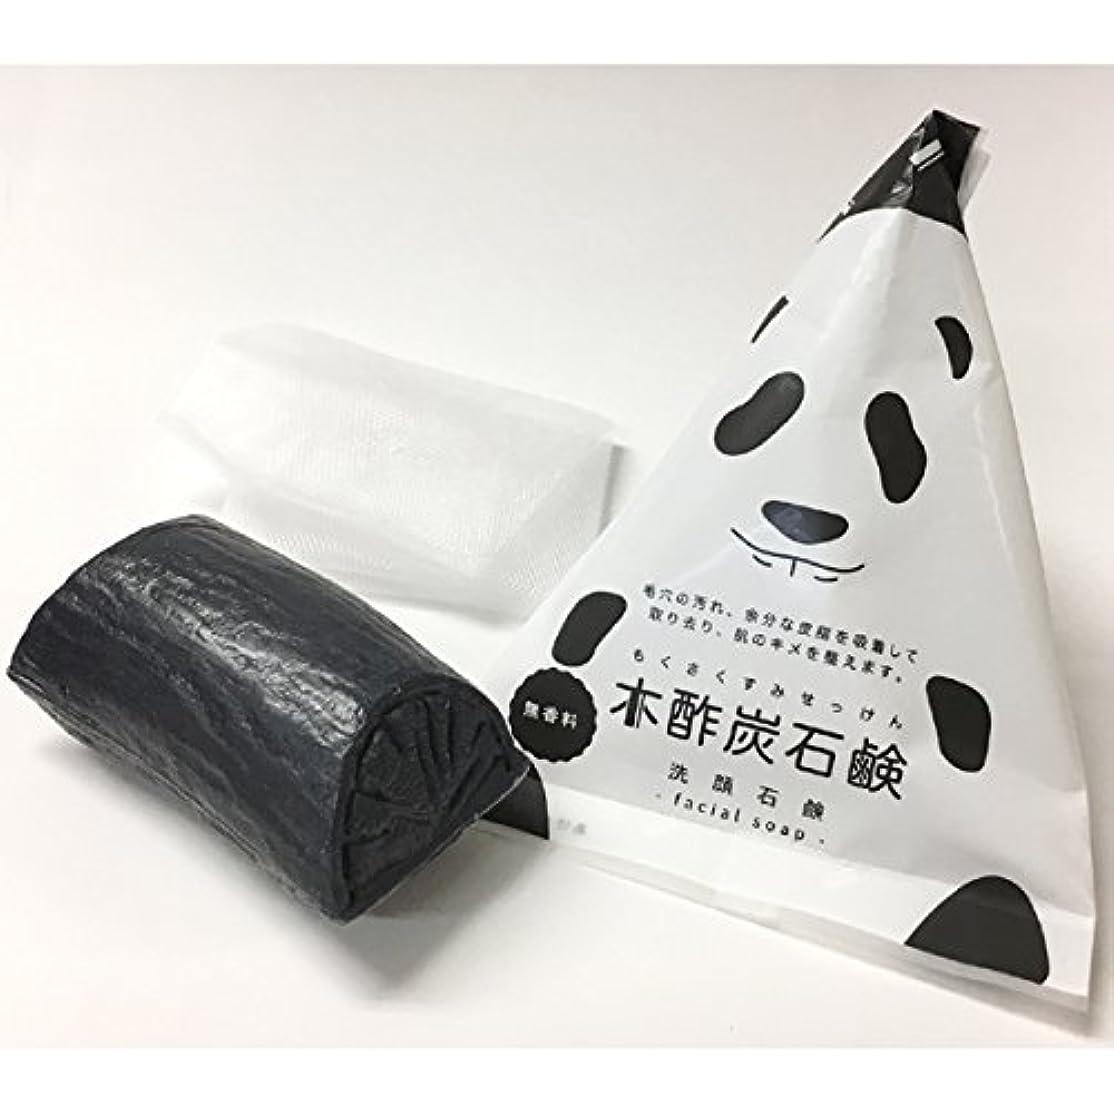 例外集団的意図フェニックス木酢炭泥棒石鹸120g(5個セット)